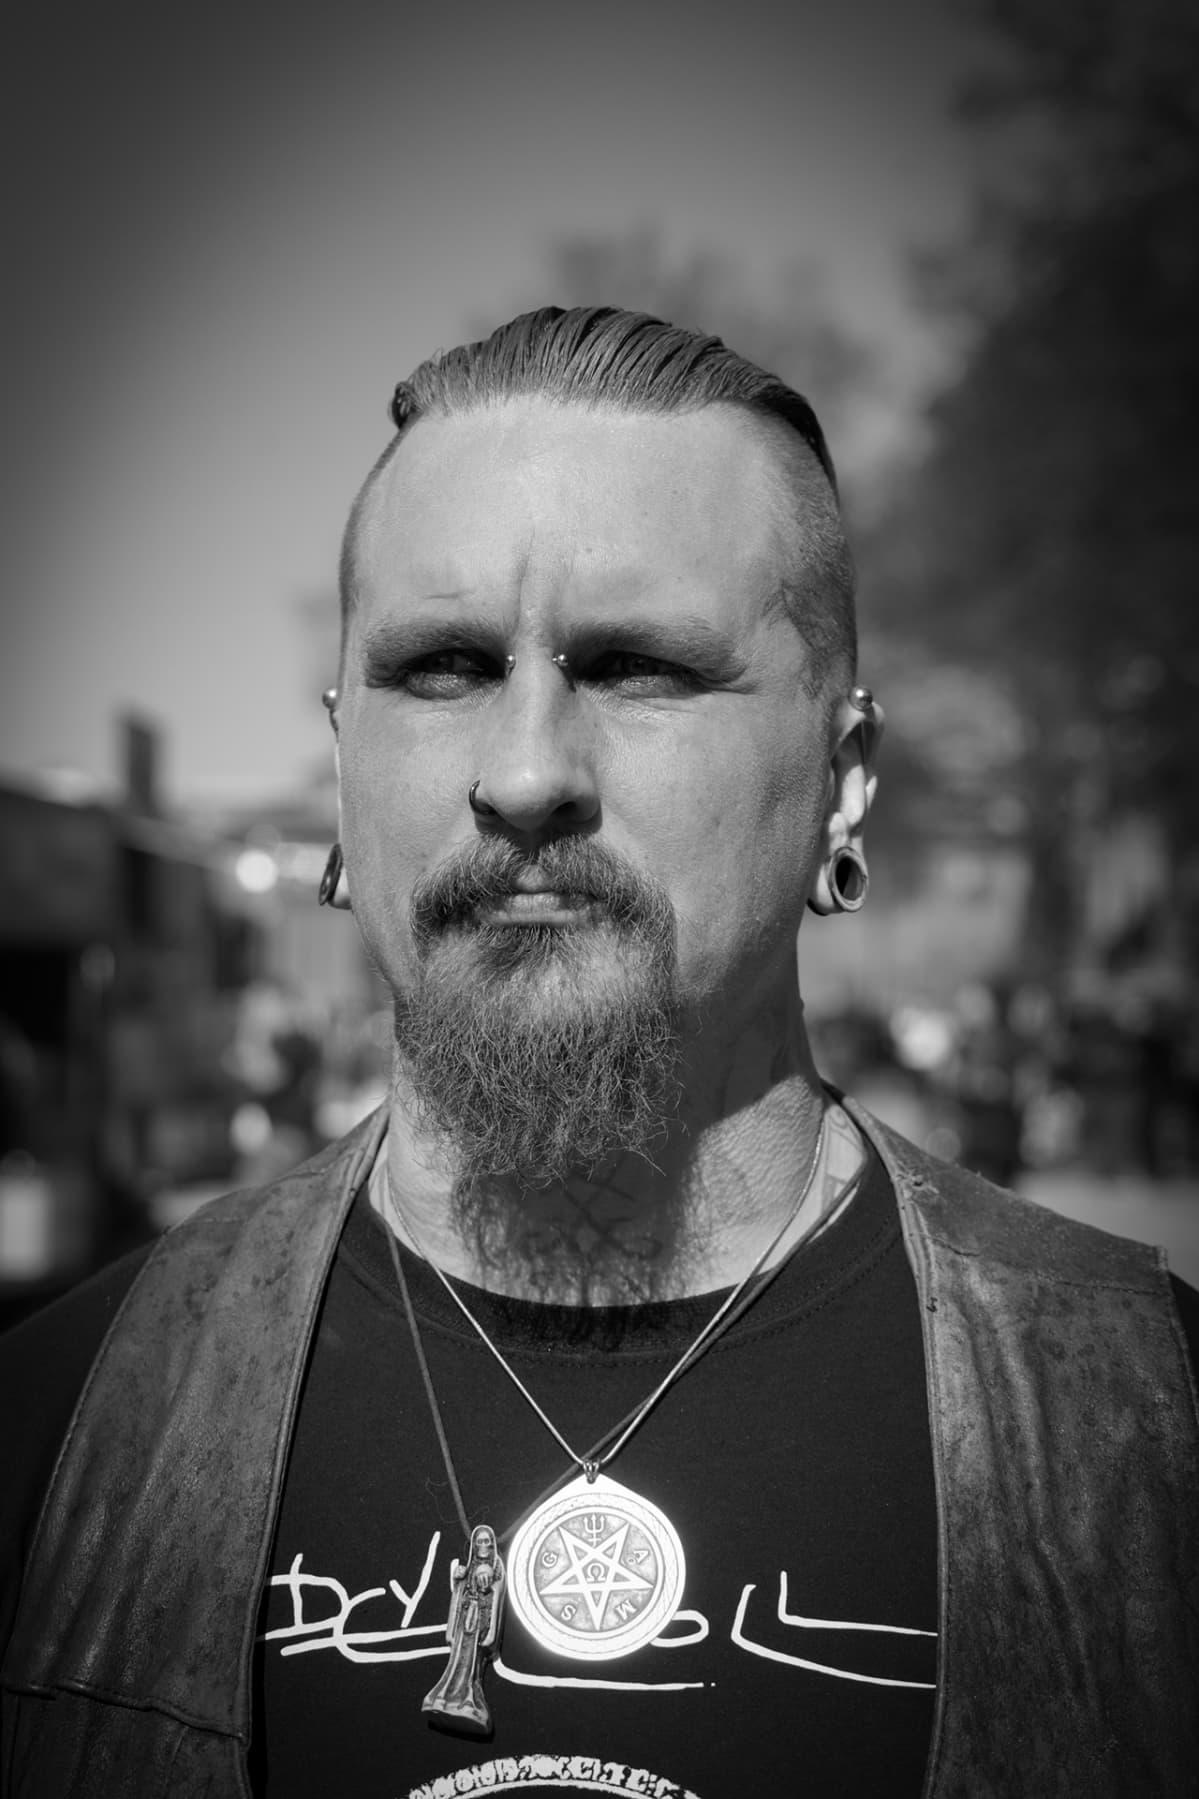 Tuomas Rytkönen, Spellgoth, Baptism, Horna, Trollheims Grott, Steelfest, black metal